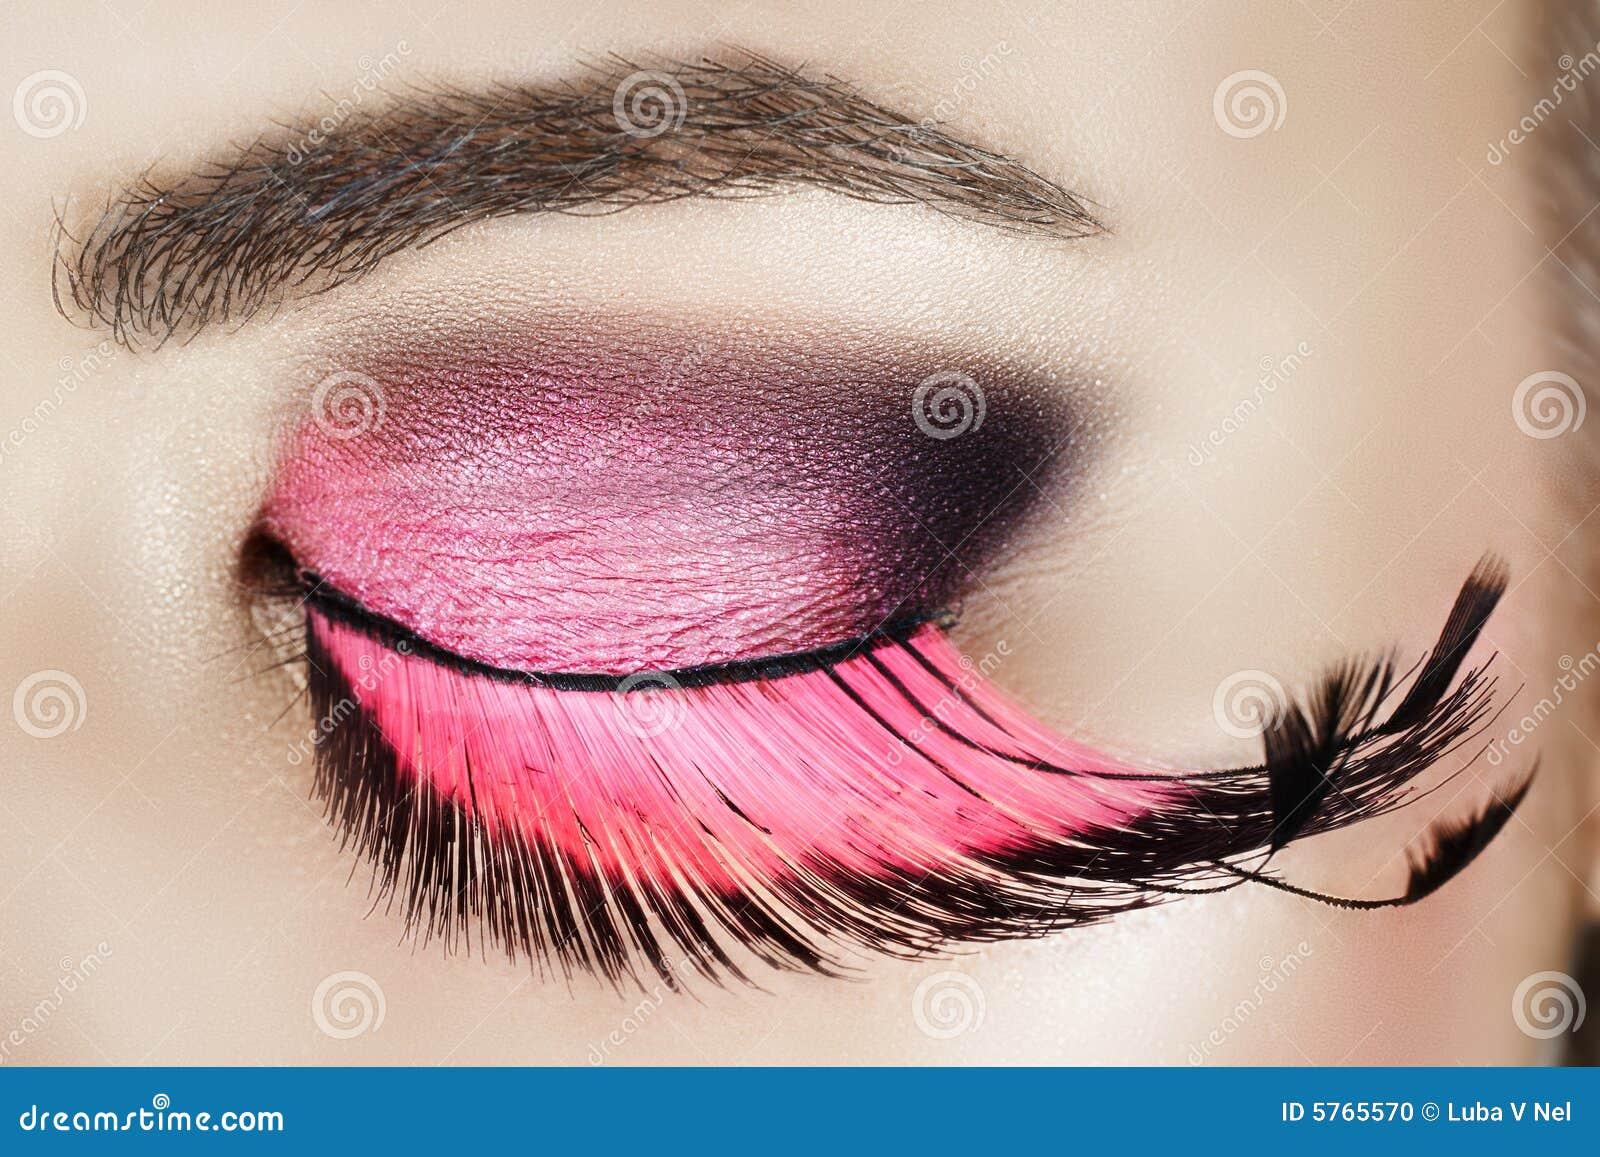 Eye with pink eyelashes